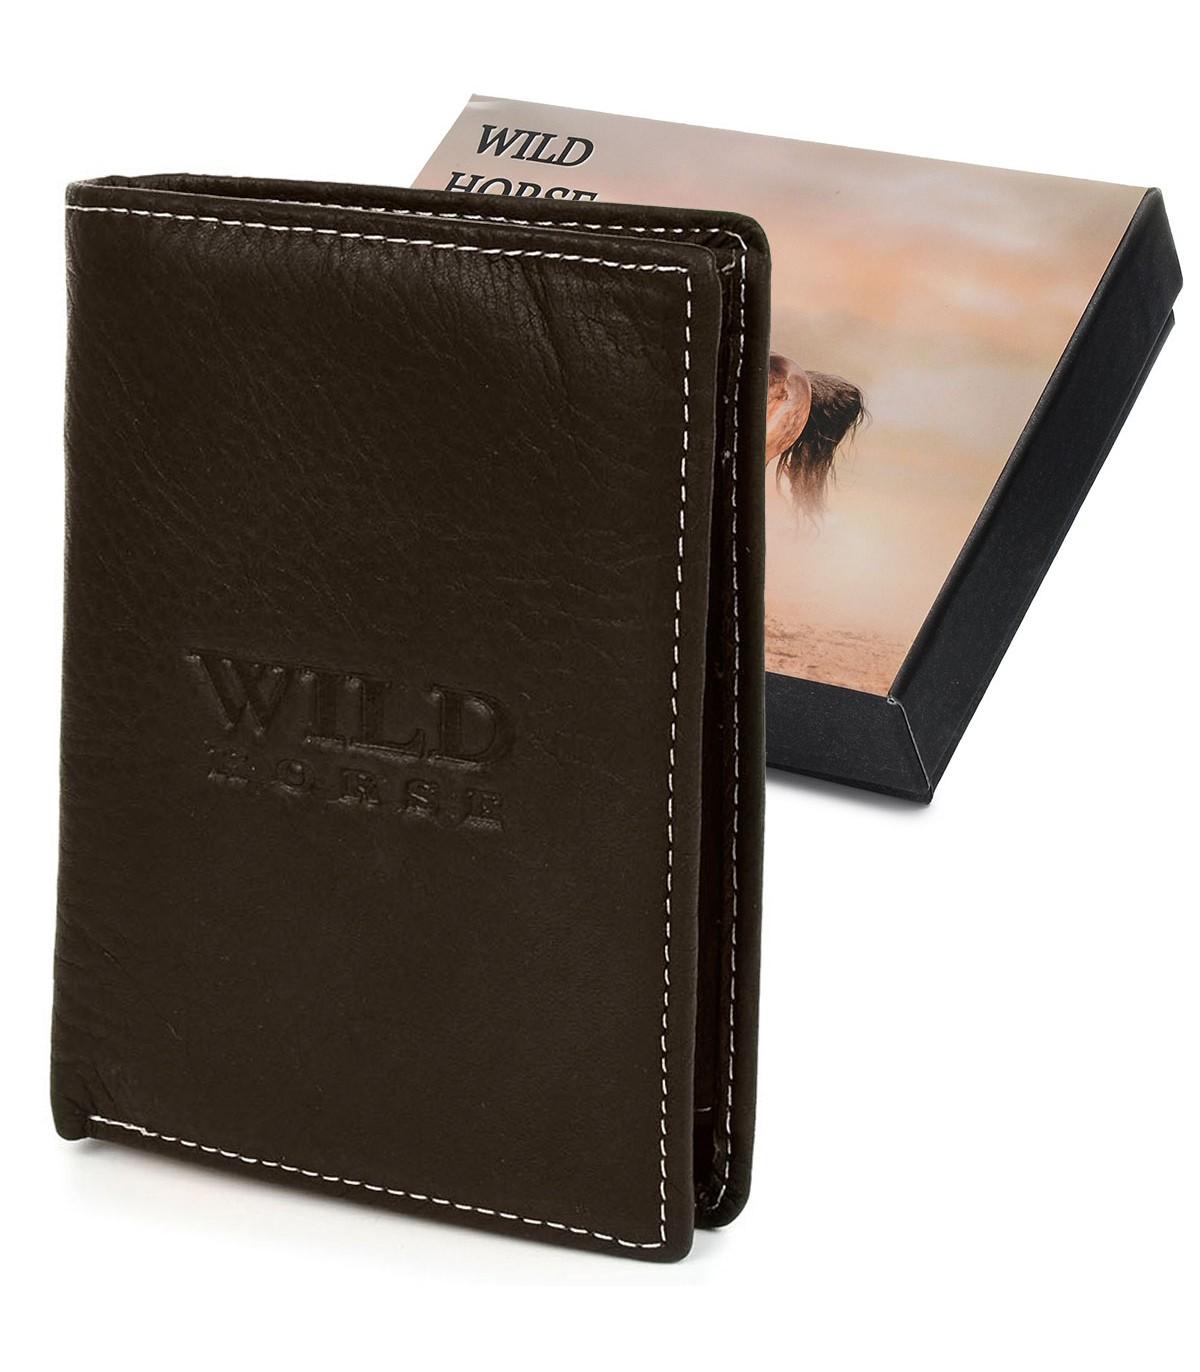 Wild Horse I45 Pánska kožená peňaženka RFID tmavo hnedá